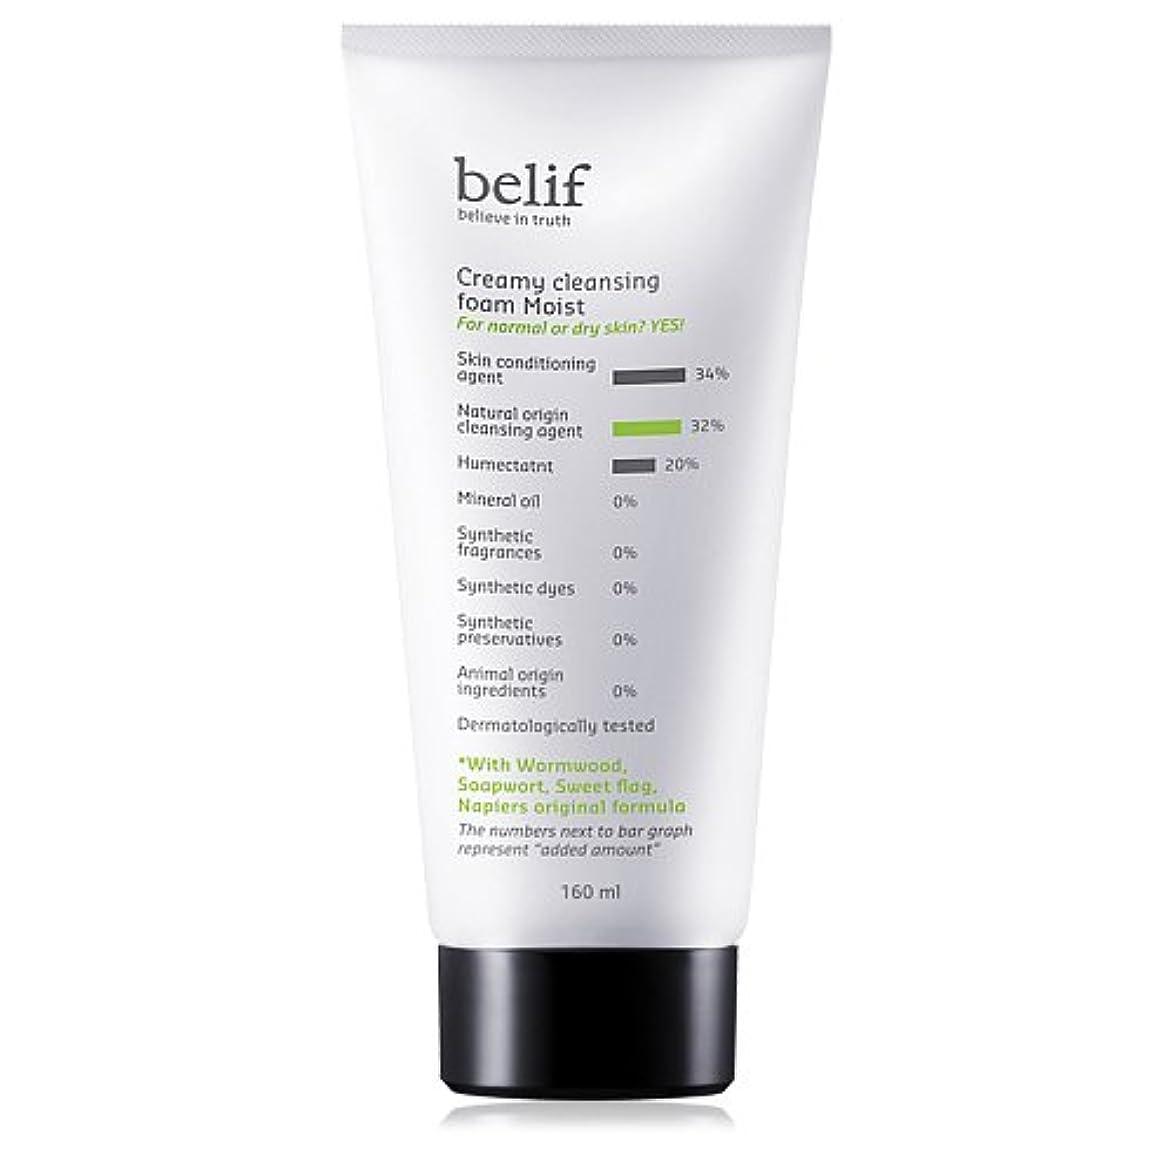 エゴマニアエアコン空虚Belif(ビリーフ)Creamy cleansing foam moist 160ml[ビリーフクリーミークレンジングフォームモイスト]